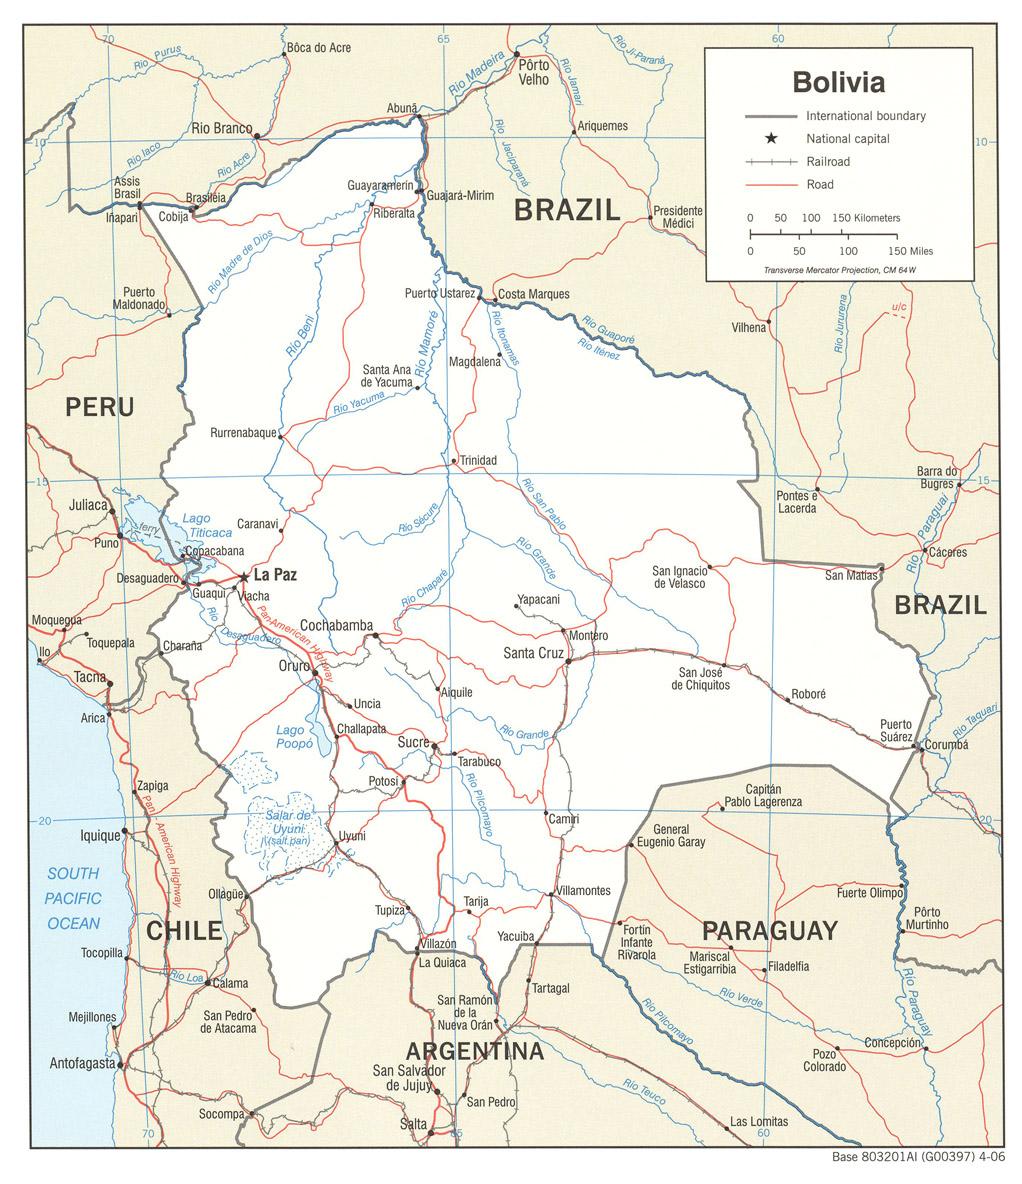 Bolivia Political Map